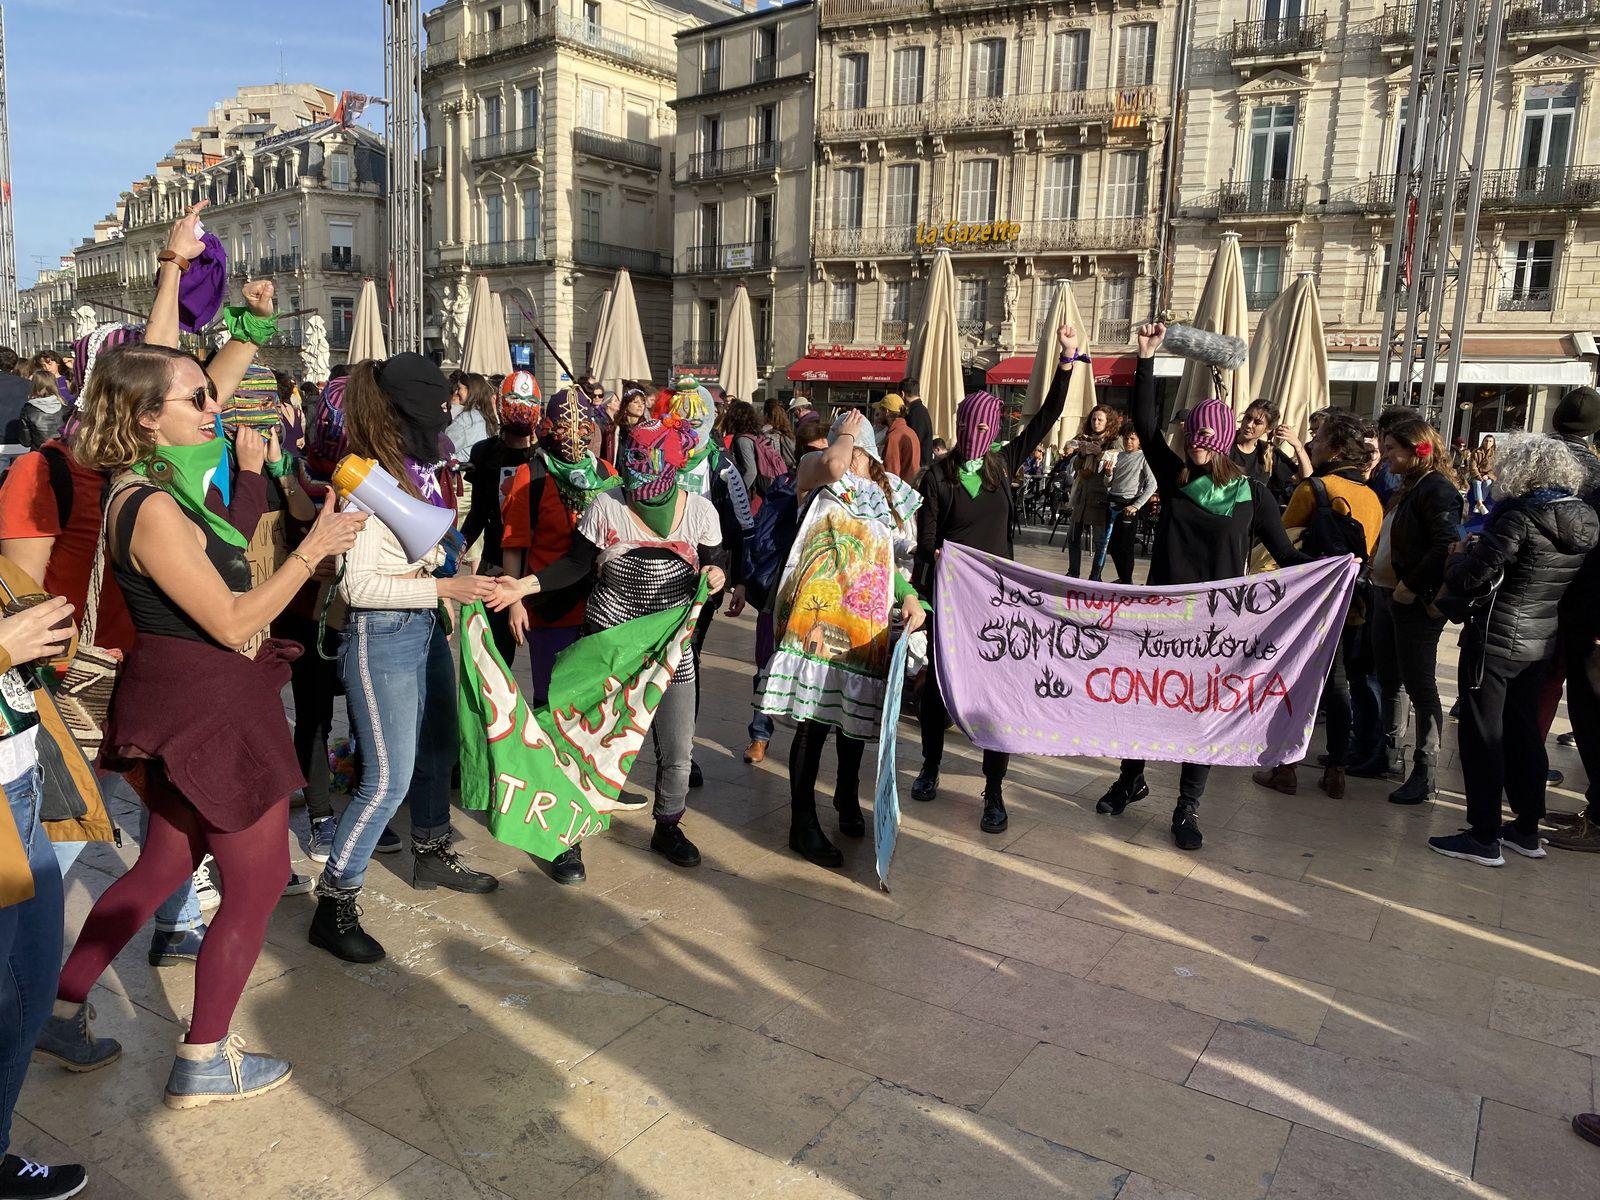 """8 mars 2020 Montpellier """"Journée Internationale des droits de la femme"""" #NousSOmmes Solidaire"""